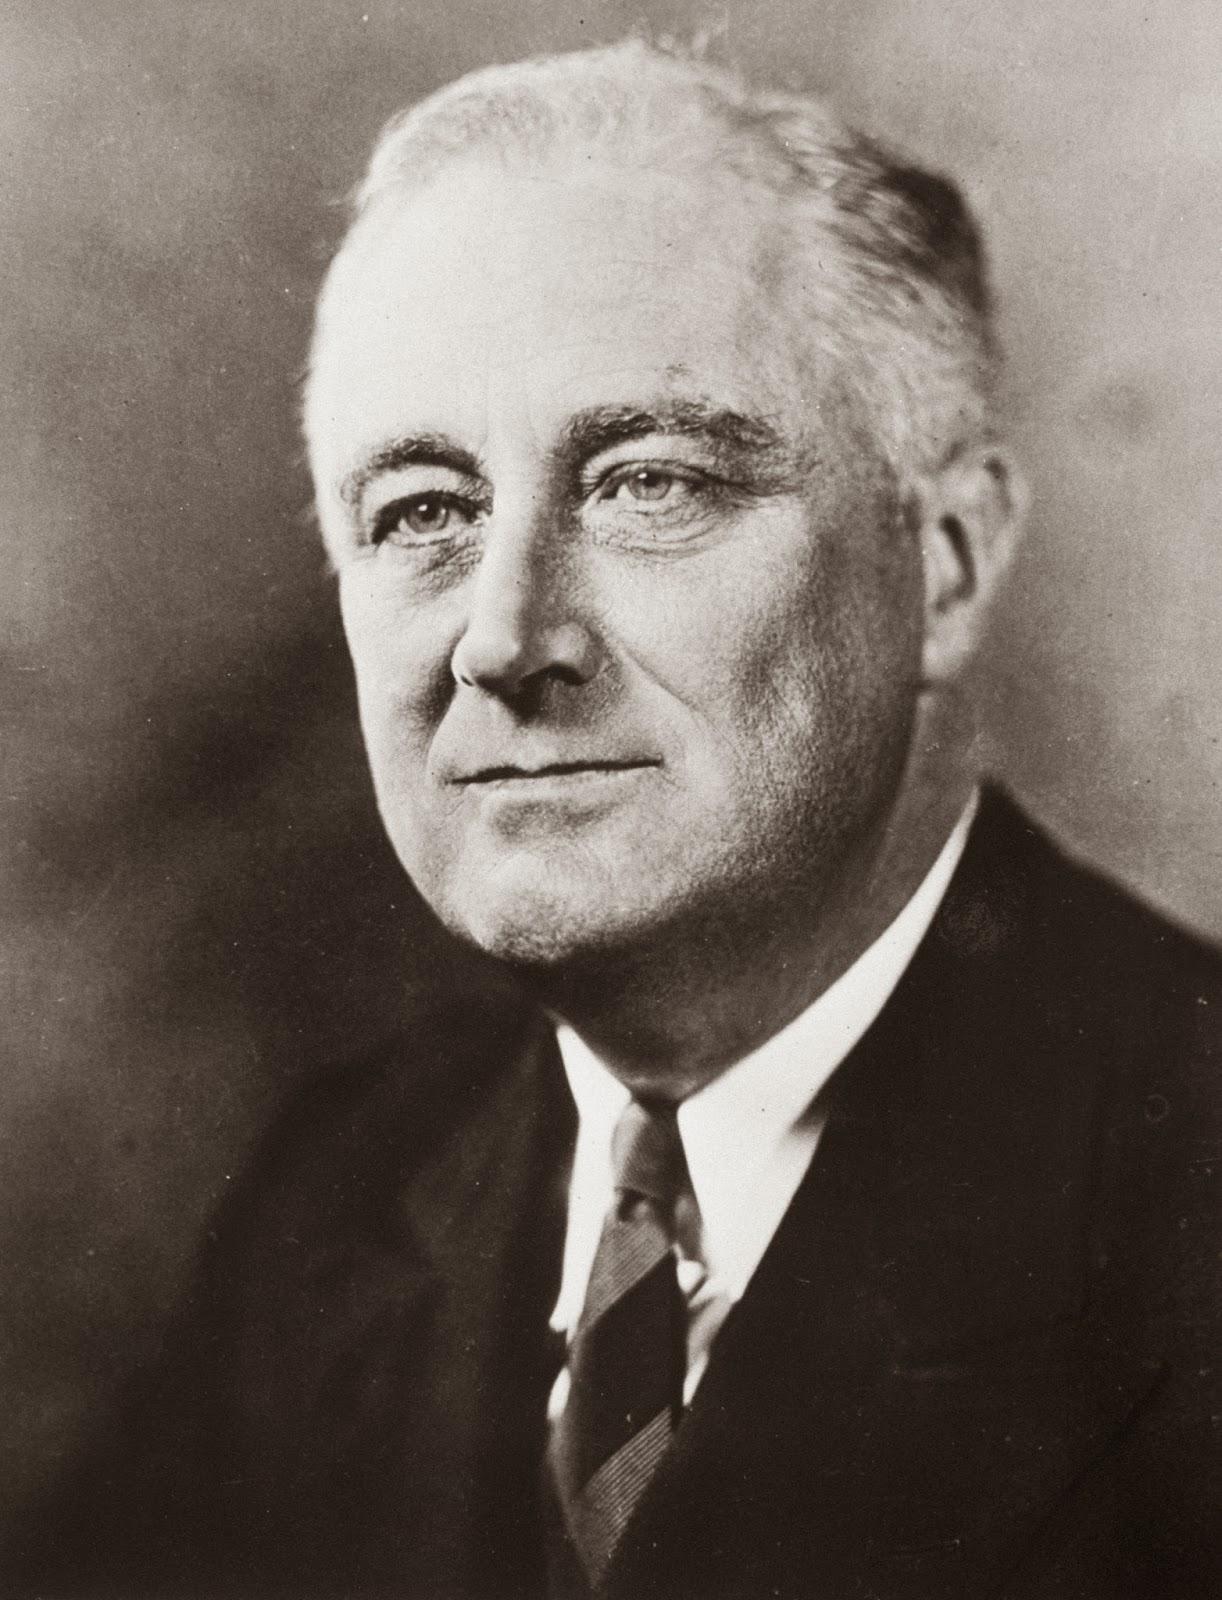 passage the forgotten man speech assessment items goalbook the forgotten man speech by president franklin d roosevelt